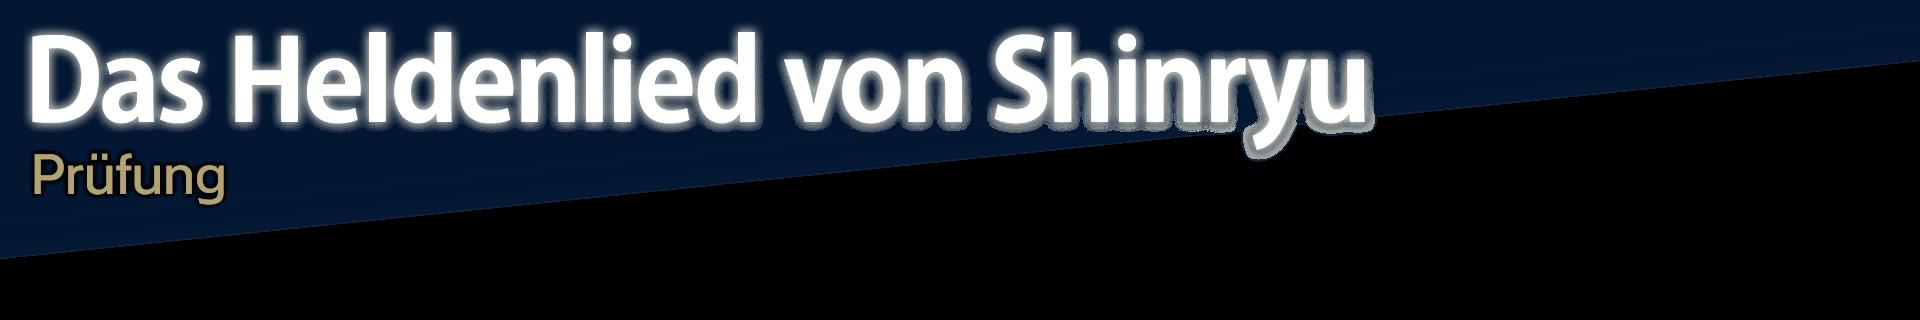 Heldenlied von Shinryu Prüfung